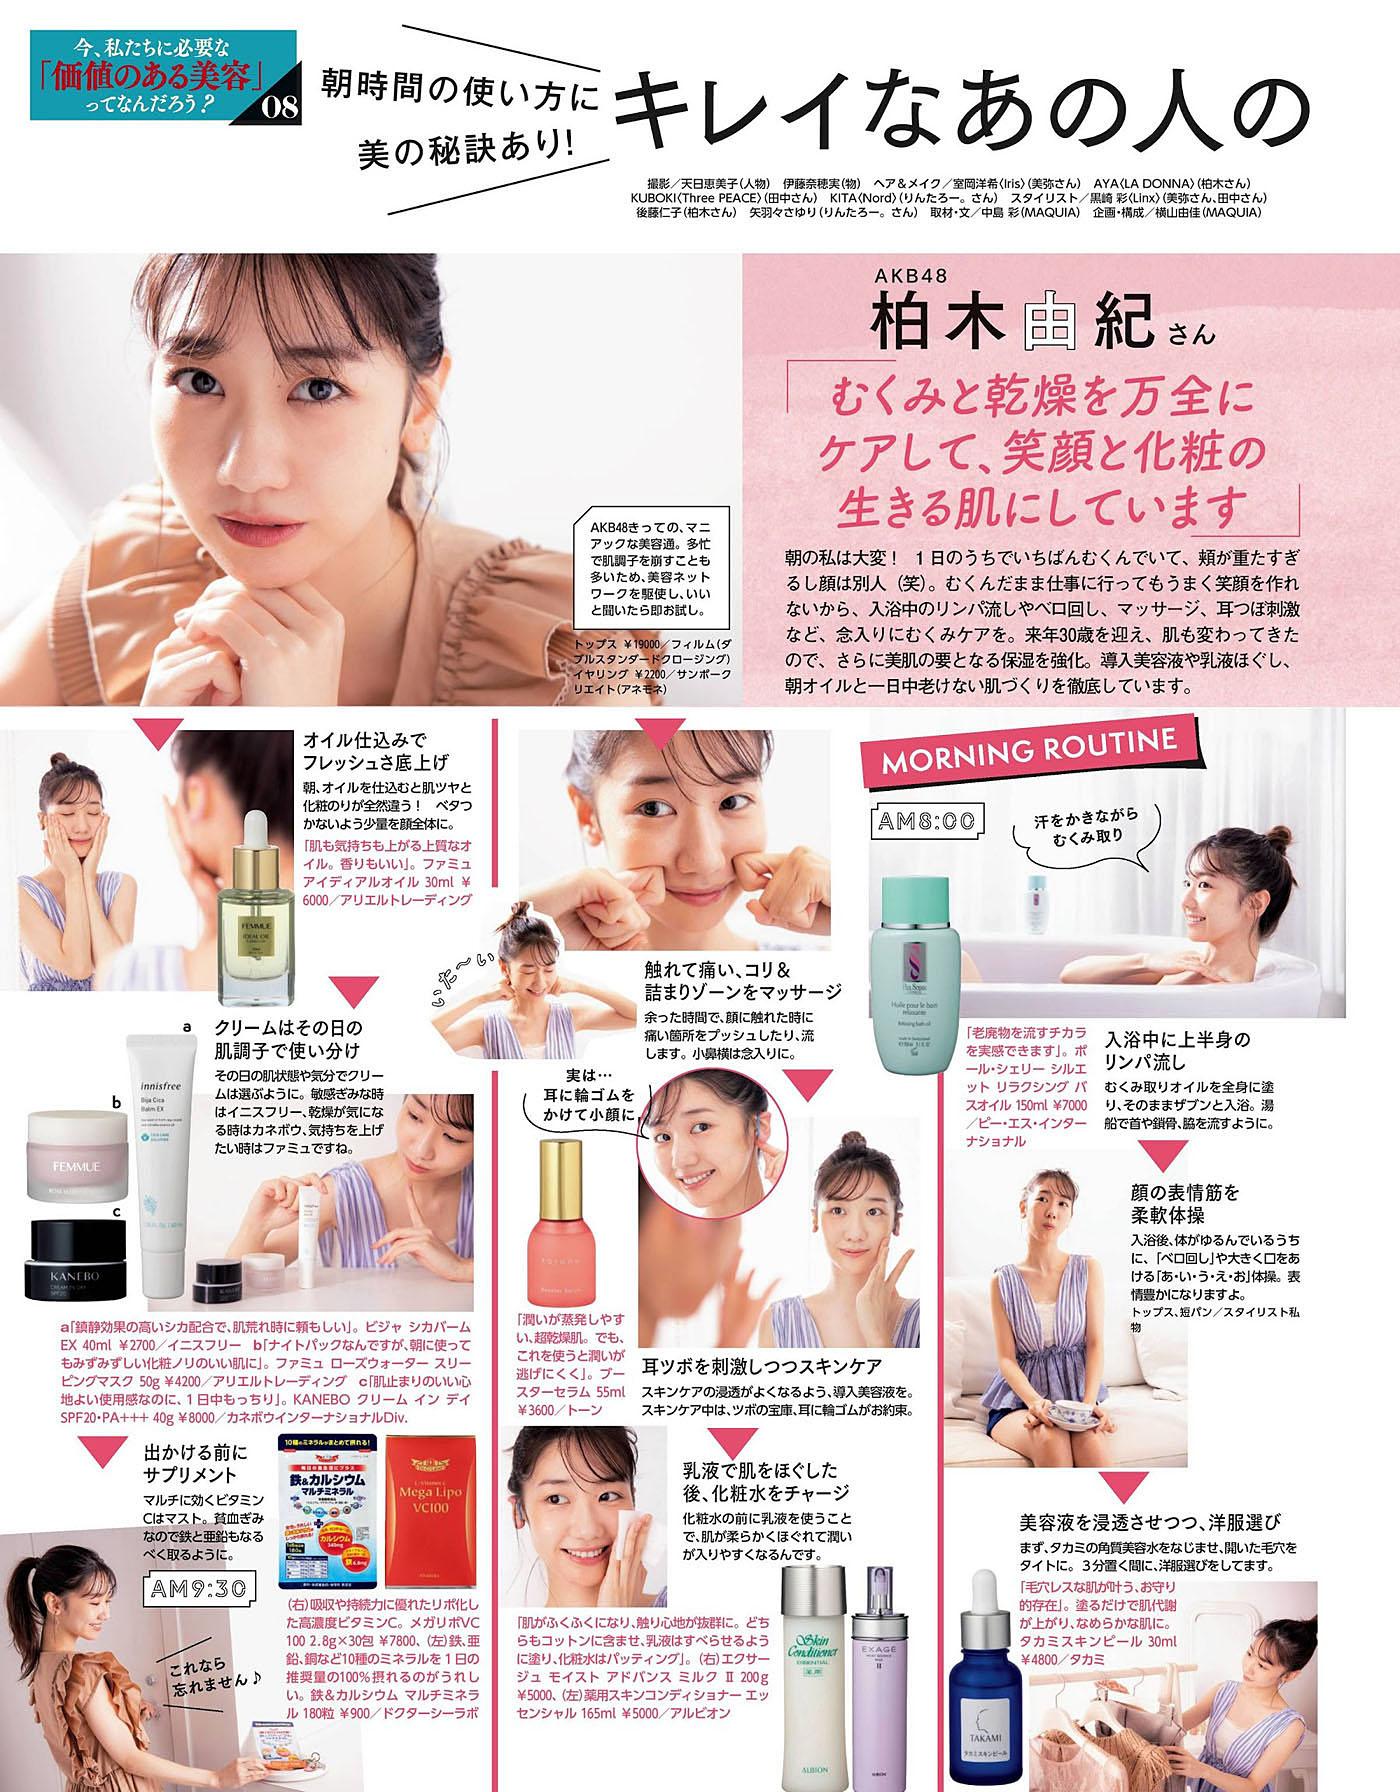 YKashiwagi Maquia 2101 01.jpg